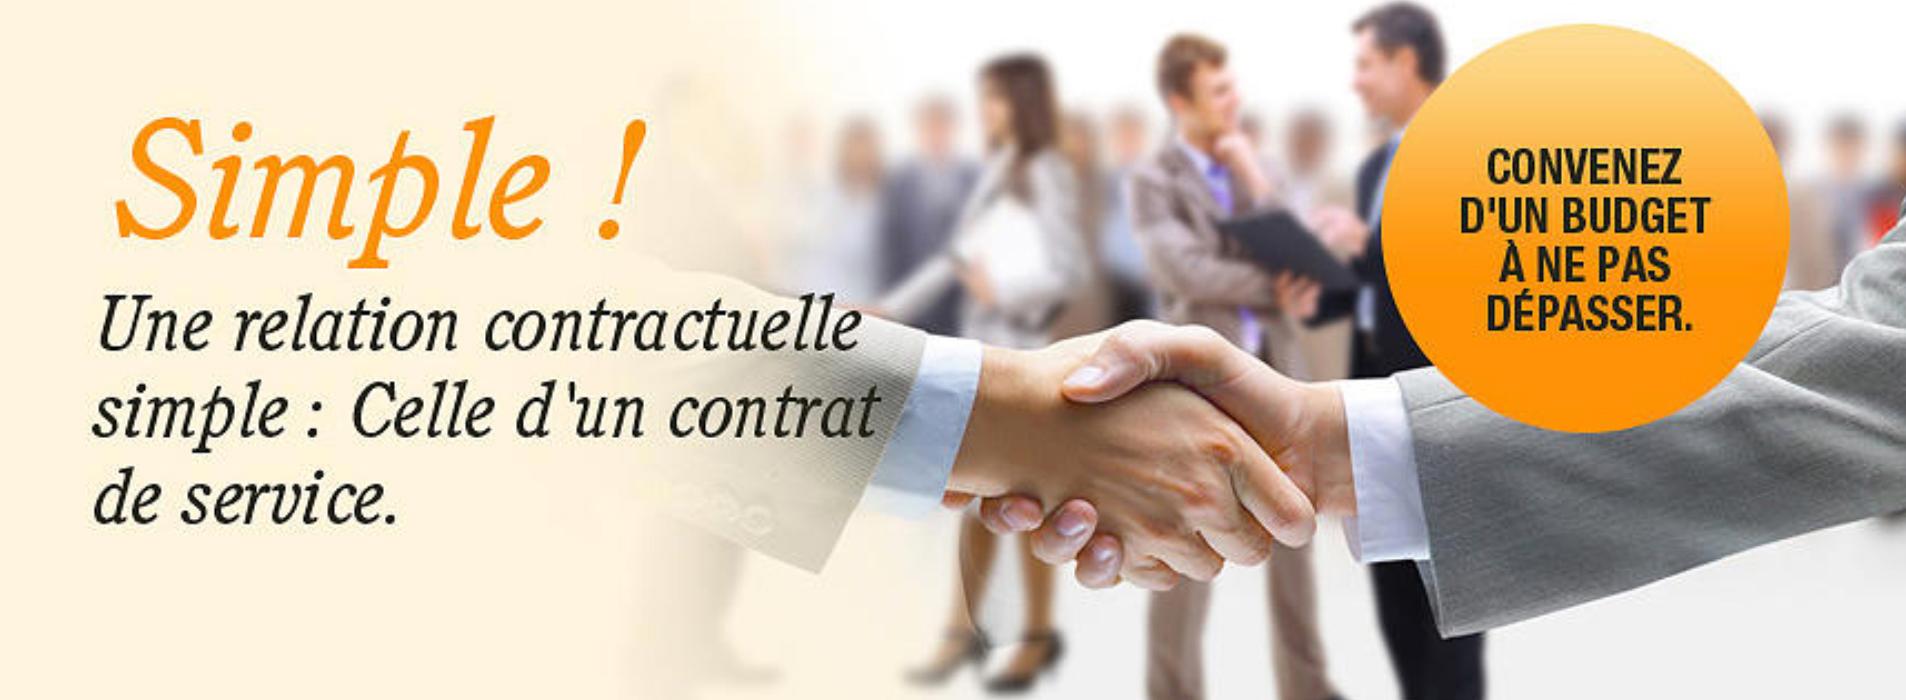 Simple ! Une relation contractuelle simple : Celle d'un contrat de service.